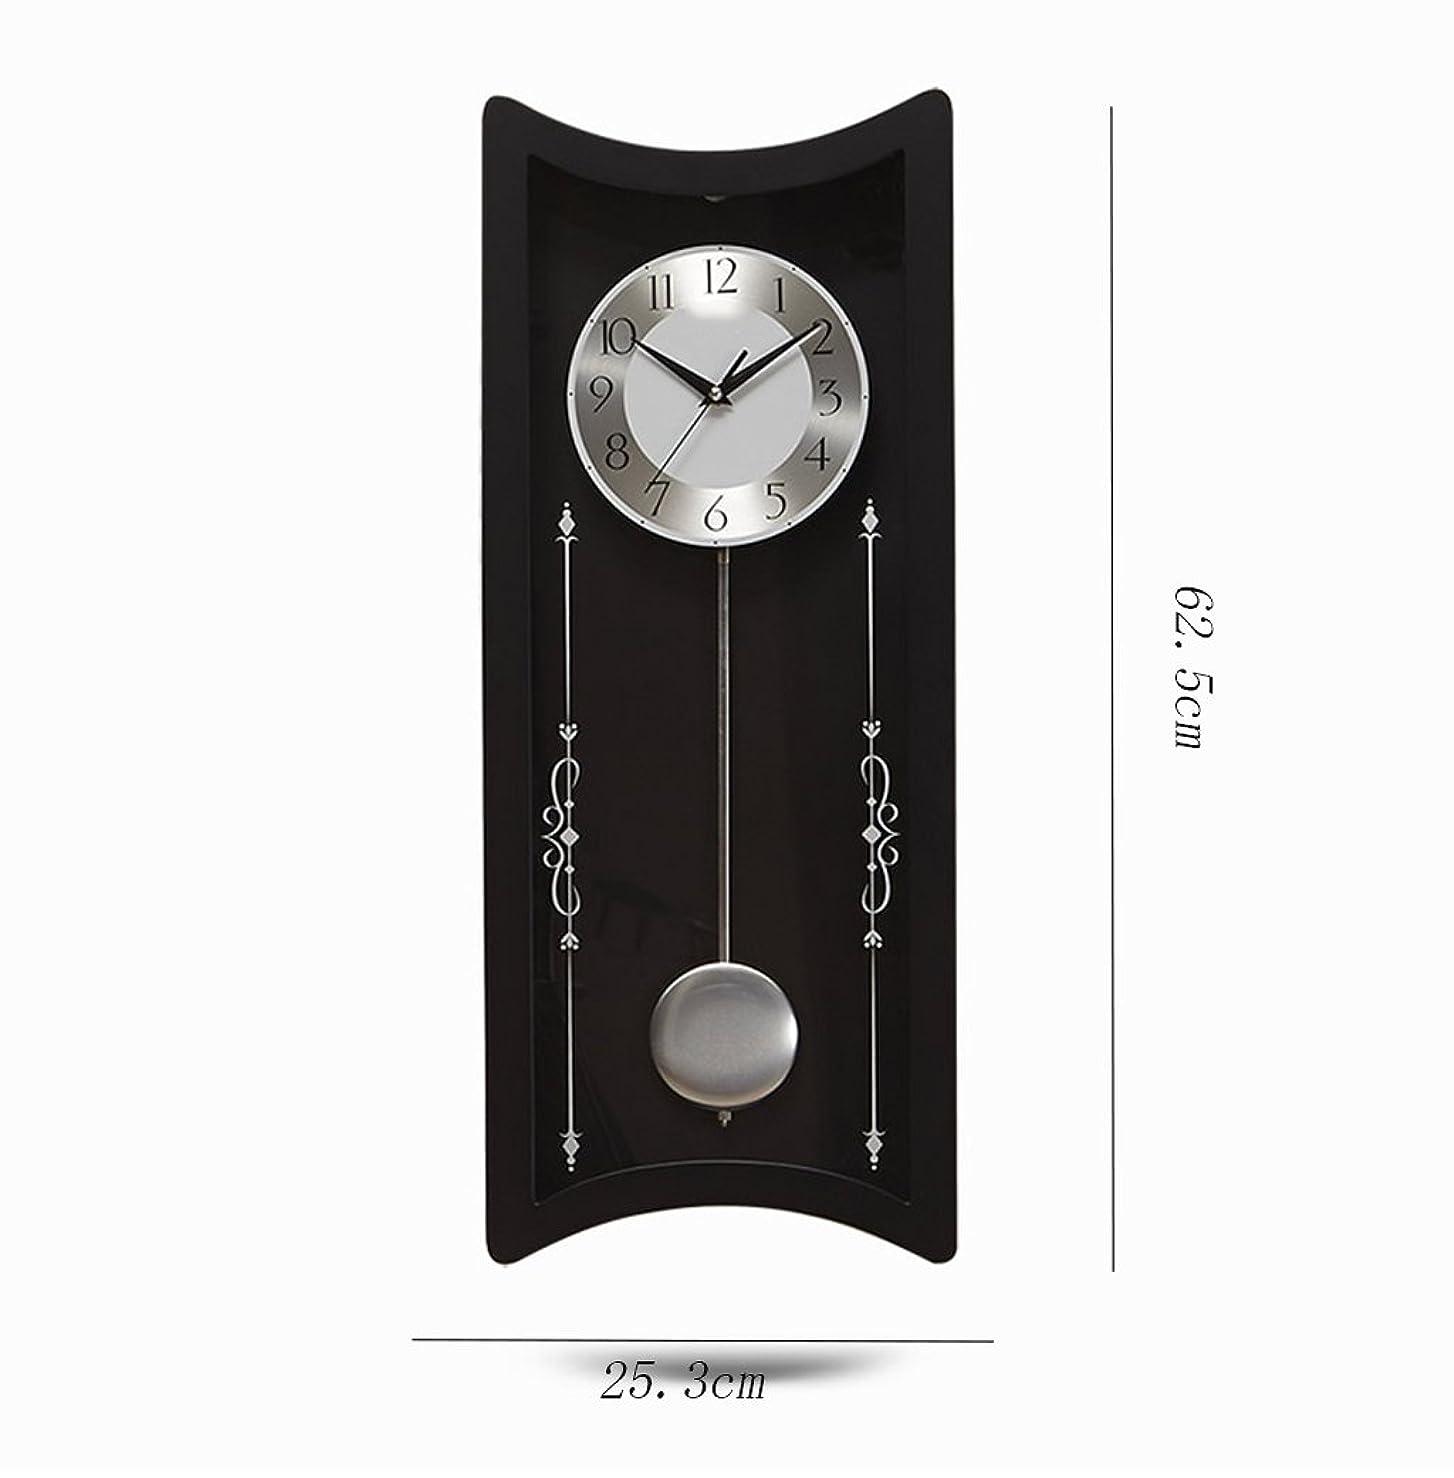 ウイルス格納復活させるJJJJD ほこり防止のためのガラスカバーが付いている振り子の柱時計の無声水晶電池の柱時計 (色 : ブラック, サイズ さいず : 10 inches (25.5 cm in diameter))